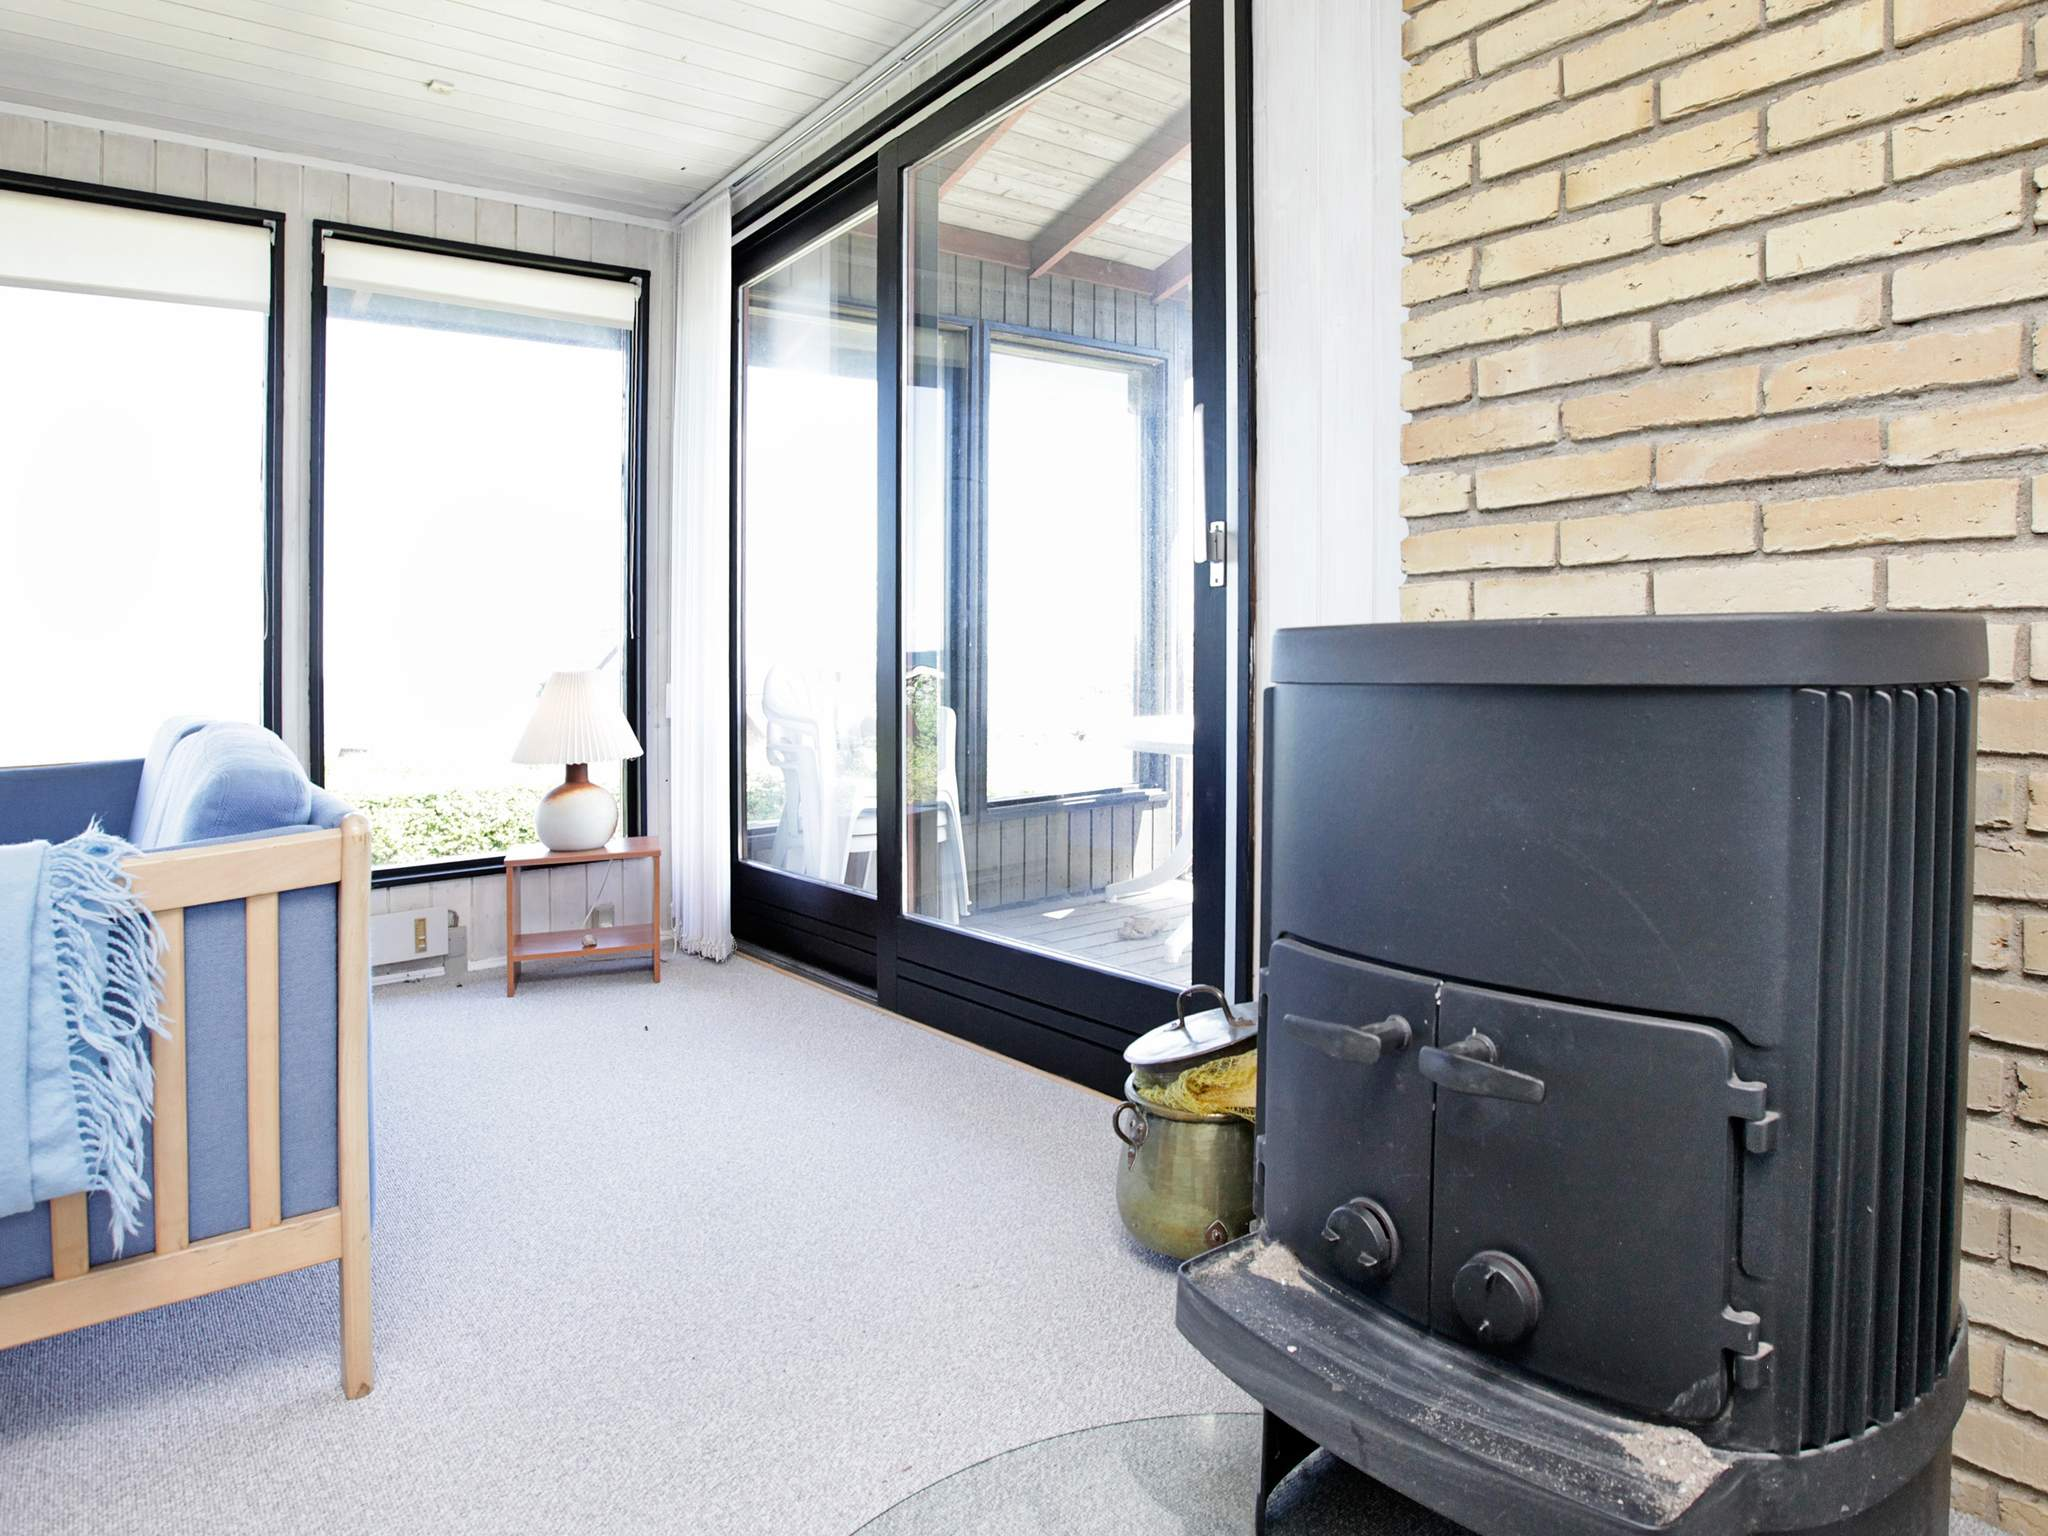 Ferienhaus Revsøre/Bøsøre (82088), Revsøre, , Fünen, Dänemark, Bild 6